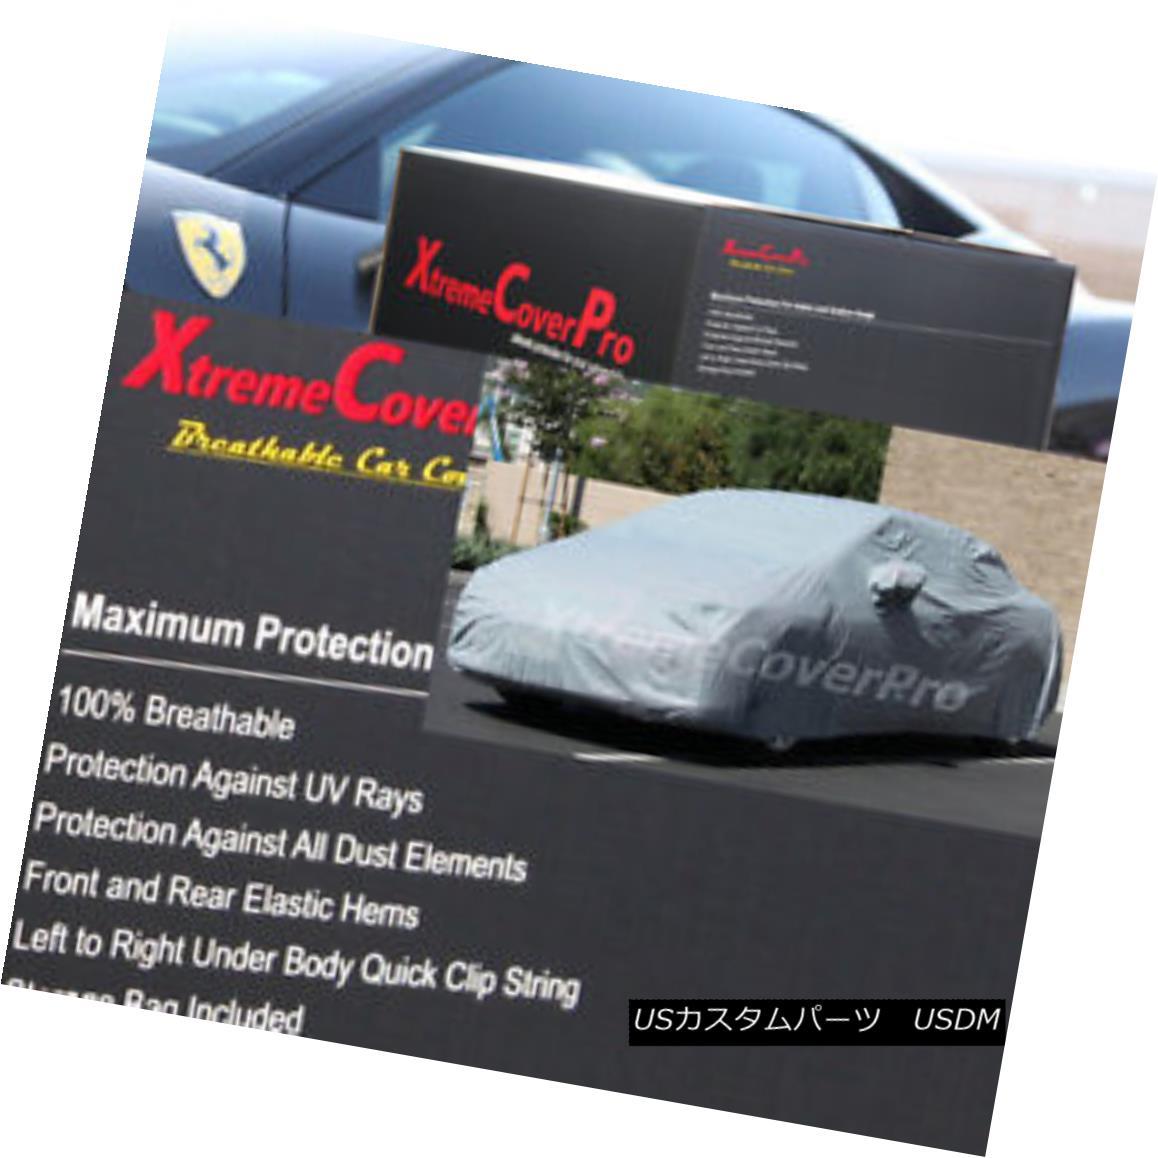 カーカバー 2006 2007 2008 2009 2010 Volkswagen Passat Breathable Car Cover w/MirrorPocket 2006年2007年2008年2009年2010年MirrorPocketを搭載したフォルクスワーゲンパサート通気性車カバー